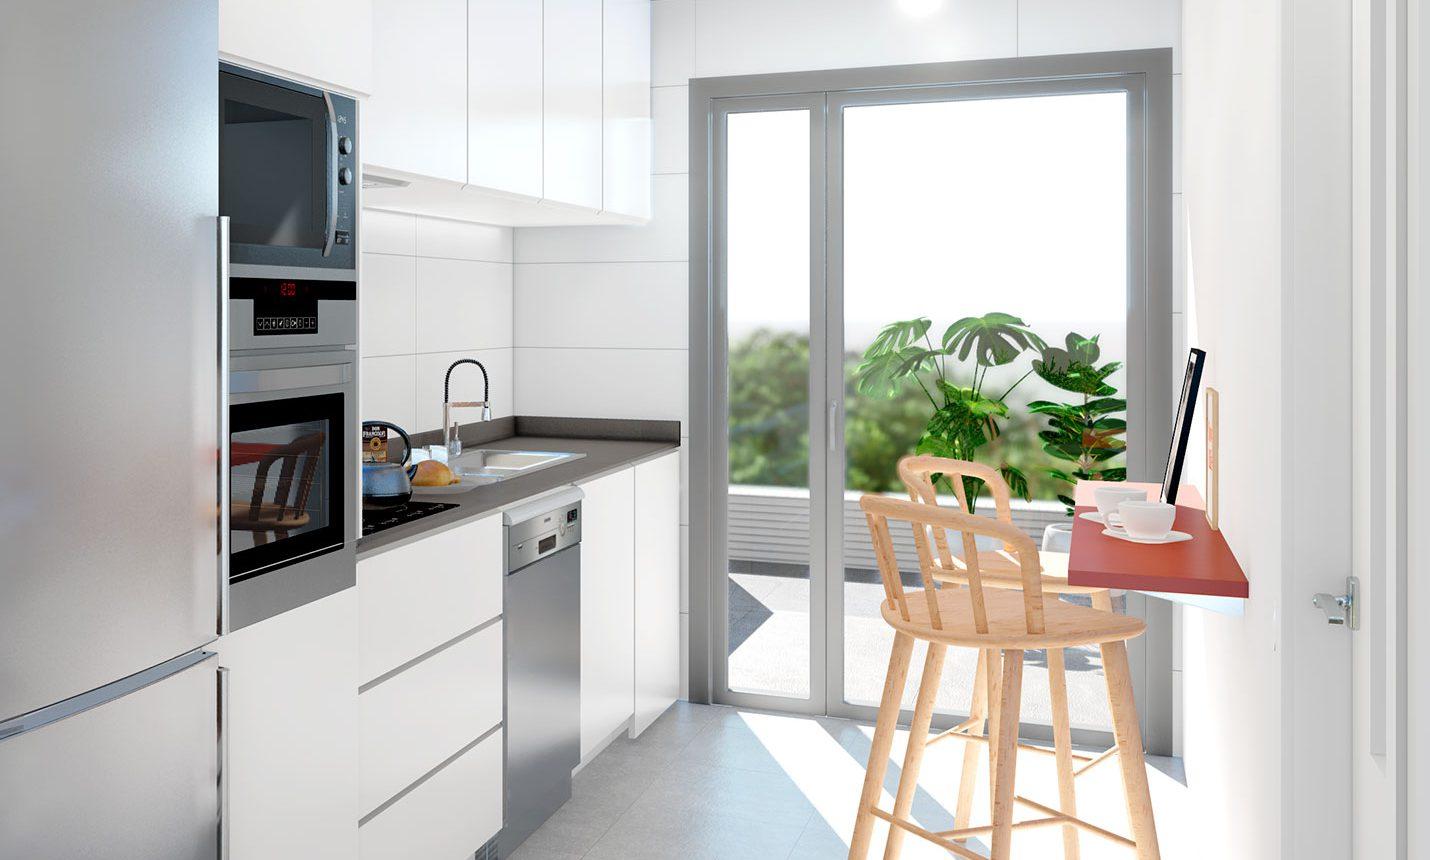 Cocina de obra nueva inmobiliaria Ciencasas